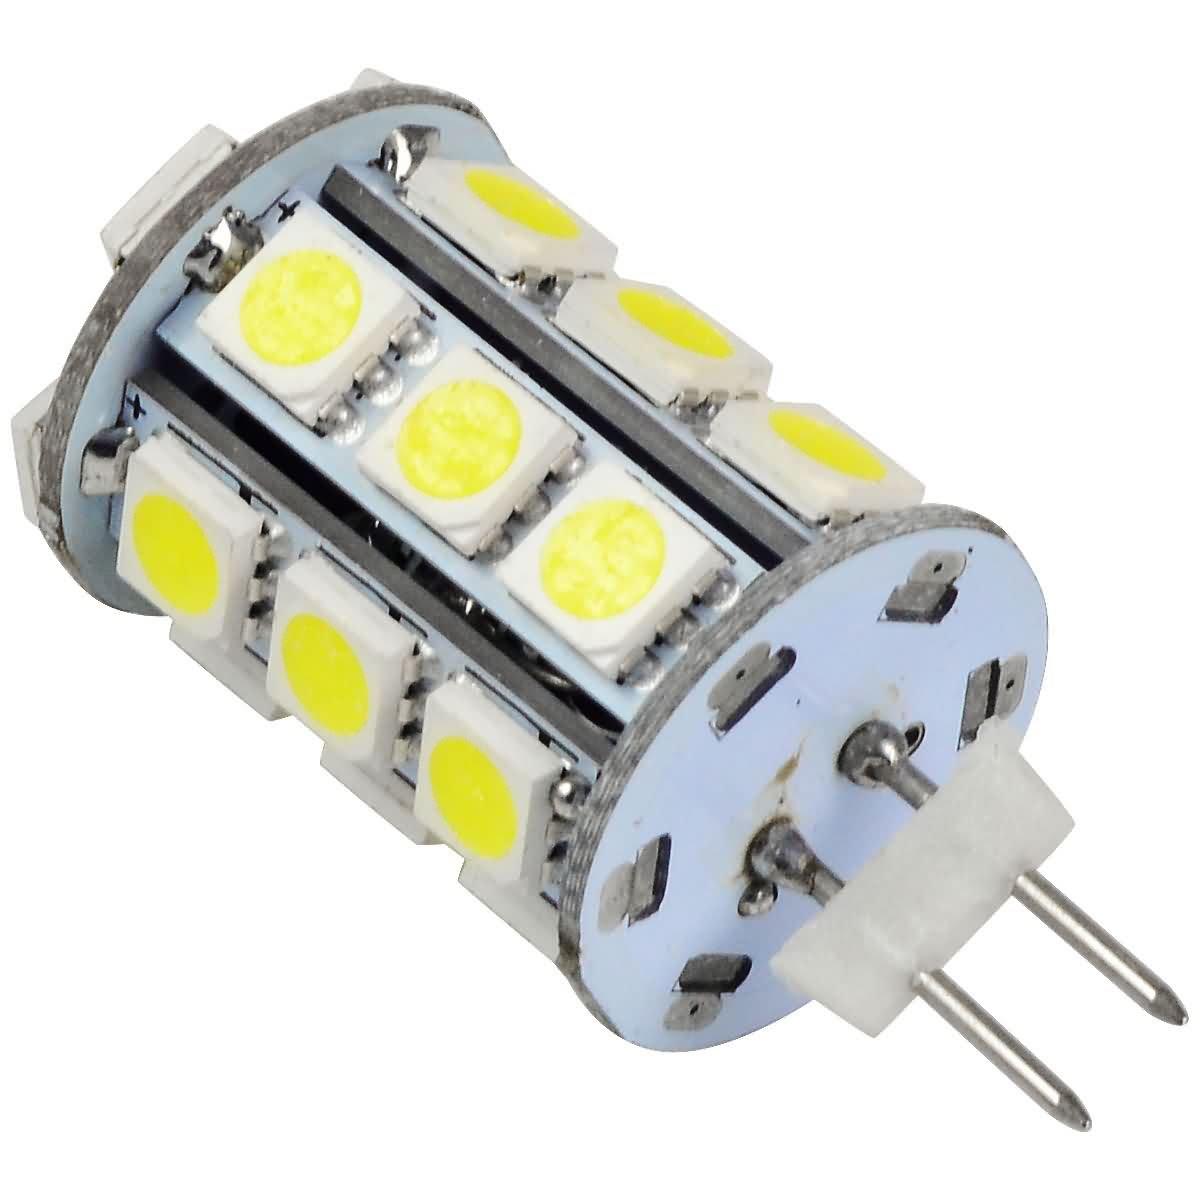 Lámpara de mesa 6X MENGS G4 LED de 1,5 W 2.2 W 2.5 W 3 W 4 W de CC de 12 V luz blanca fría 6000 K 5050 SMD, blanco, G4, 4|wattsW, 12|voltsV: Amazon.es: ...